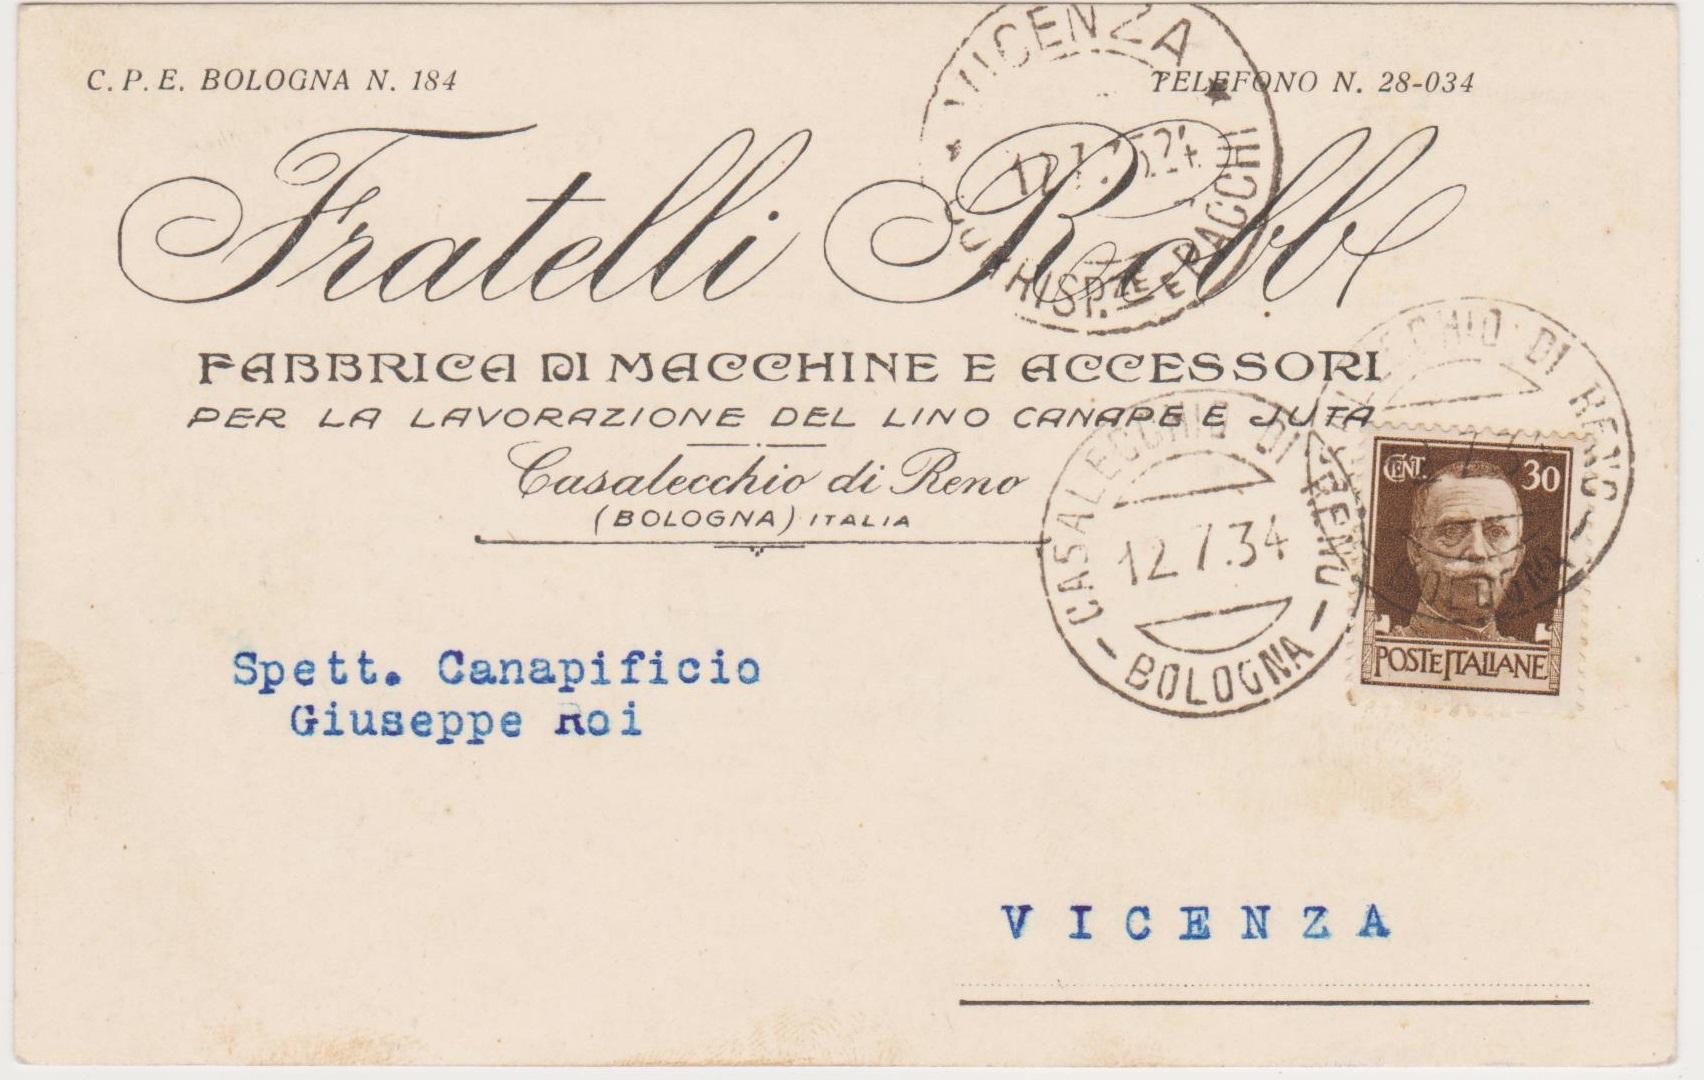 Cartolina commerciale della fabbrica Robb